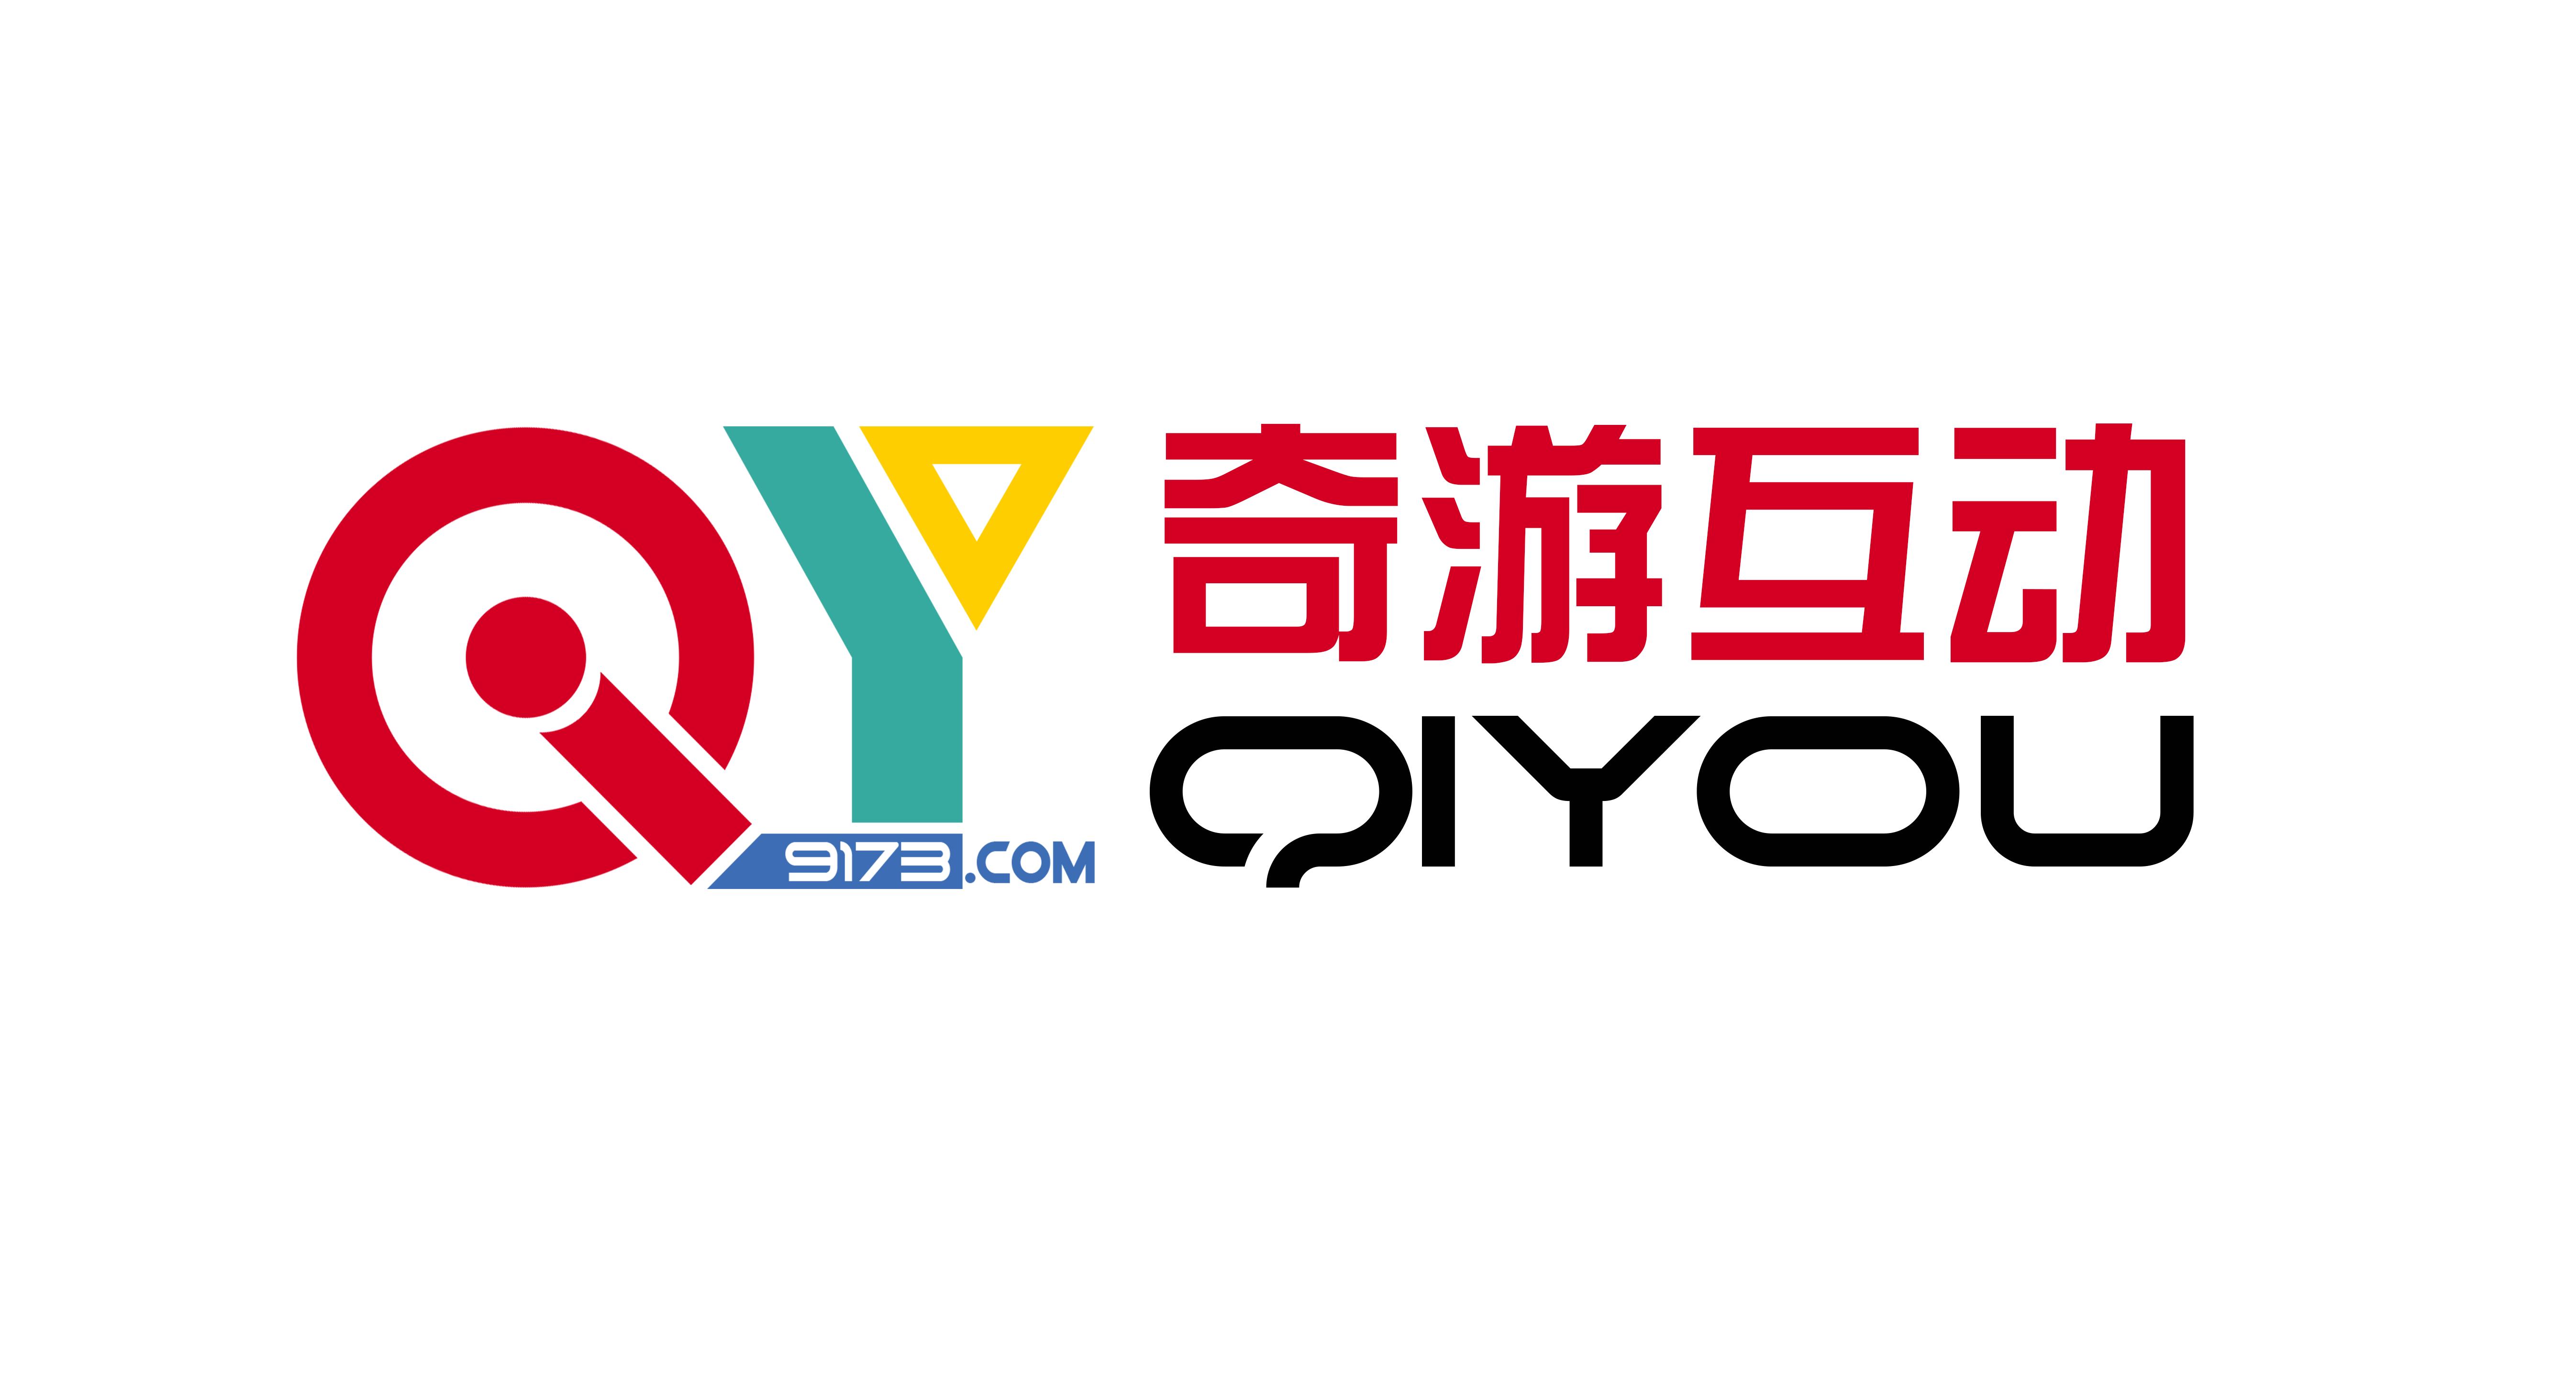 奇游互动网络科技有限公司